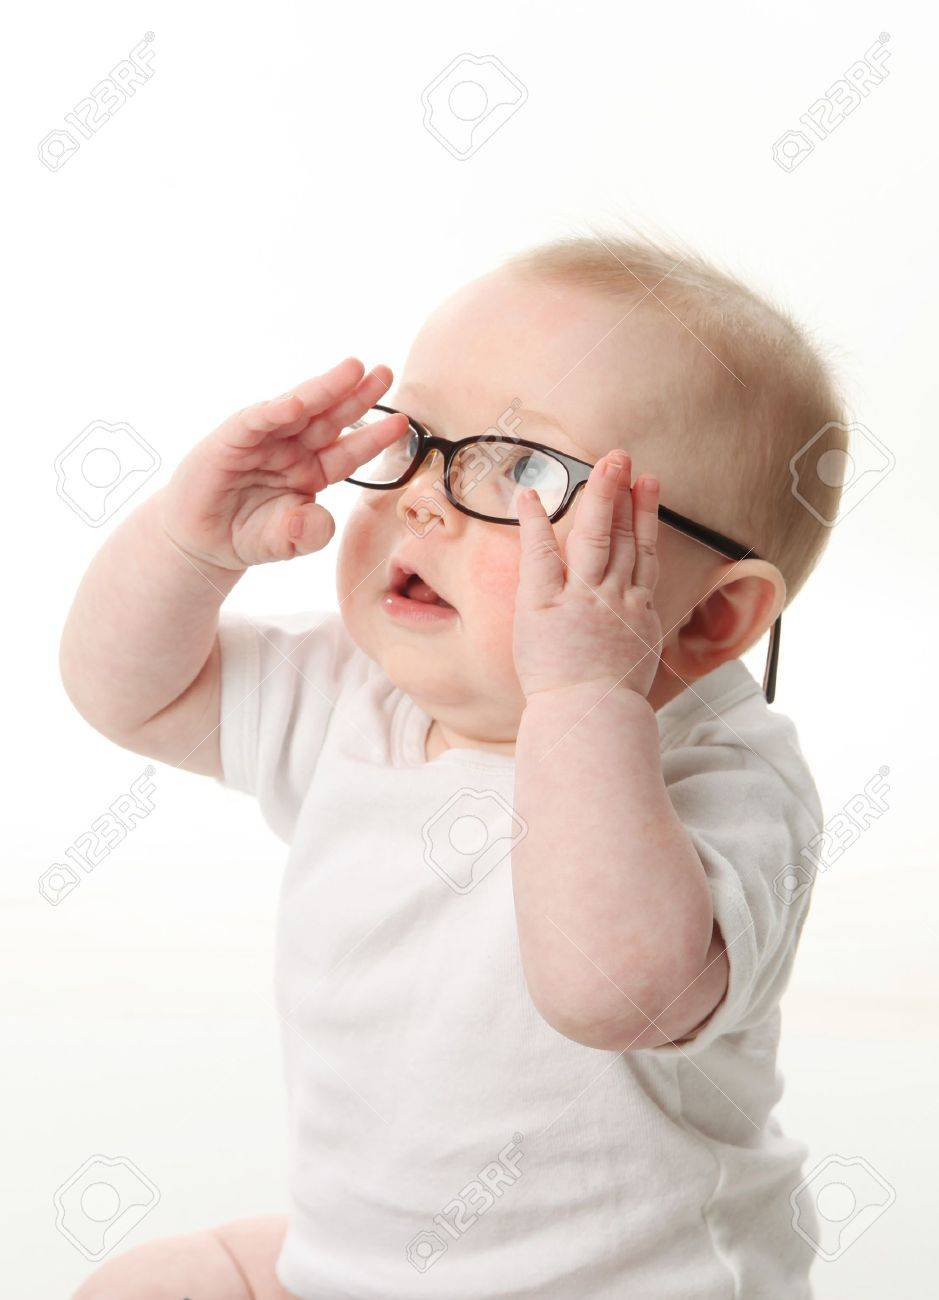 ea7fc134ea Foto de archivo - Retrato de un bebé llevaba anteojos y jugar con ellos